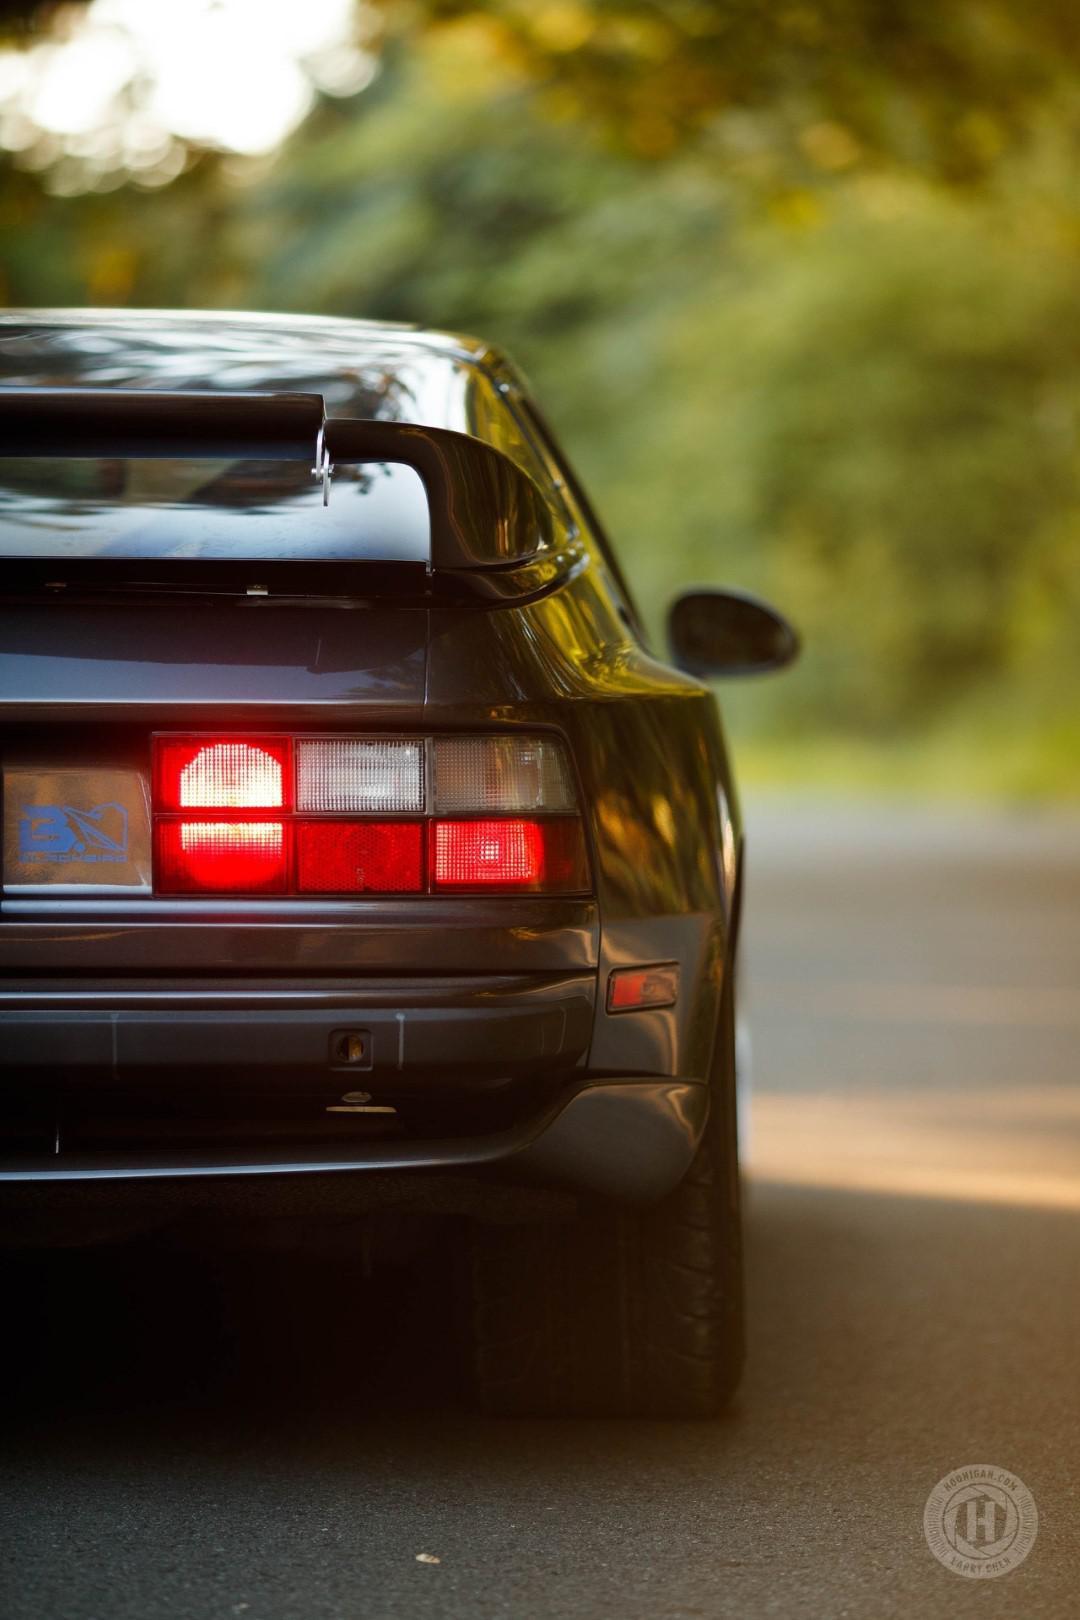 porsche-944-v6-turbo-y-a-quoi-sous-le-capot-1262-10.jpg